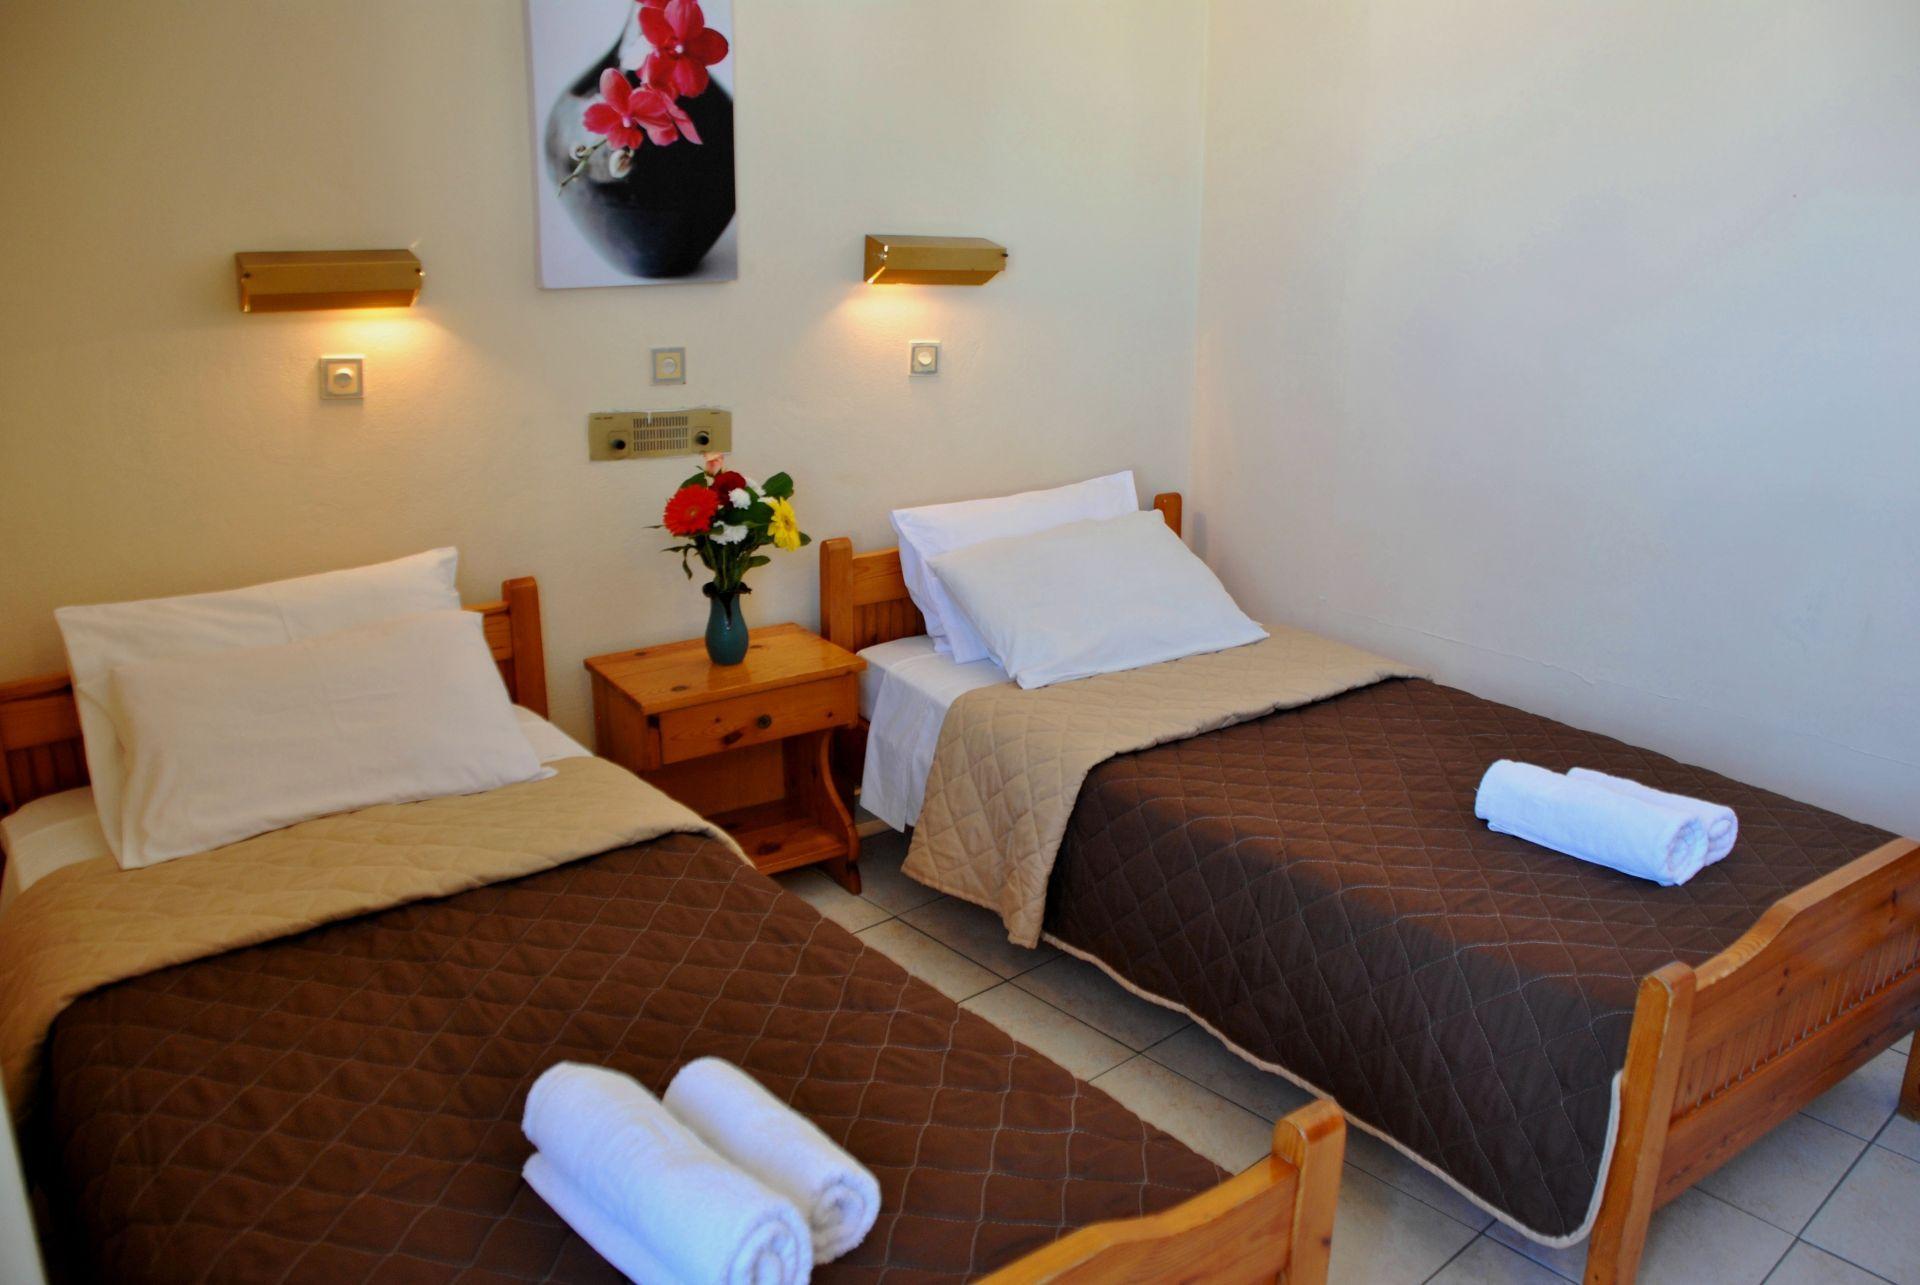 Yiorgos Hotel - Κως ✦ -50% ✦ 2 Ημέρες (1 Διανυκτέρευση)